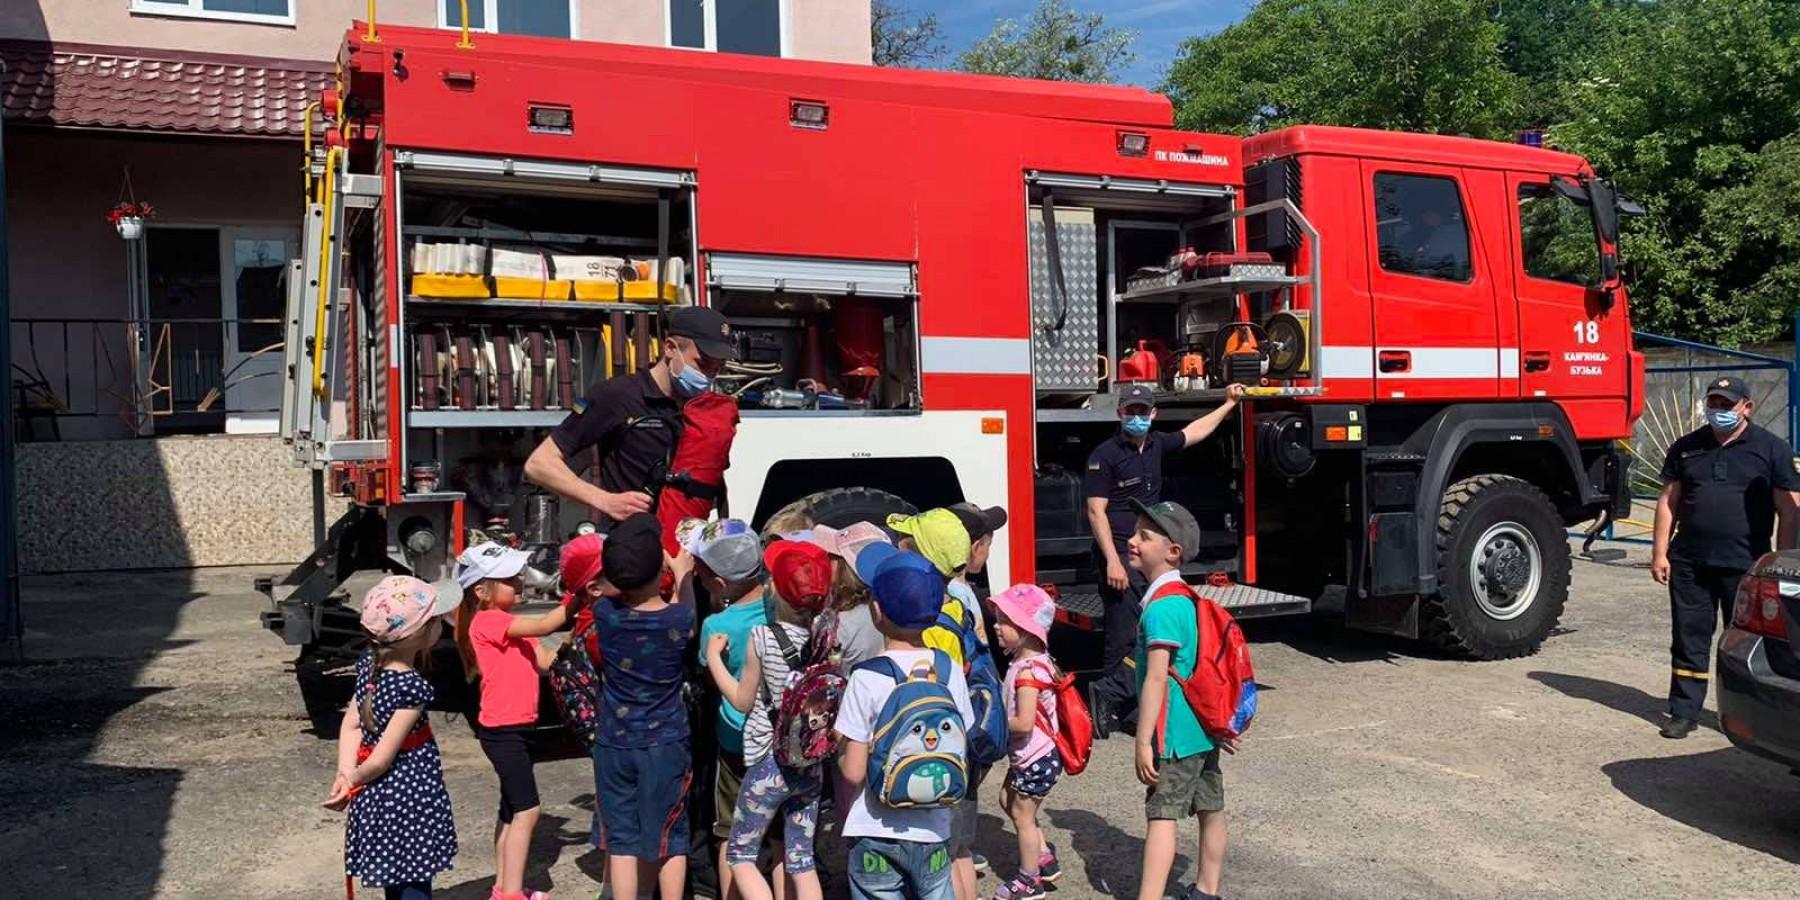 Інформативні екскурсії на тему протипожежної безпеки для дошкільнят.